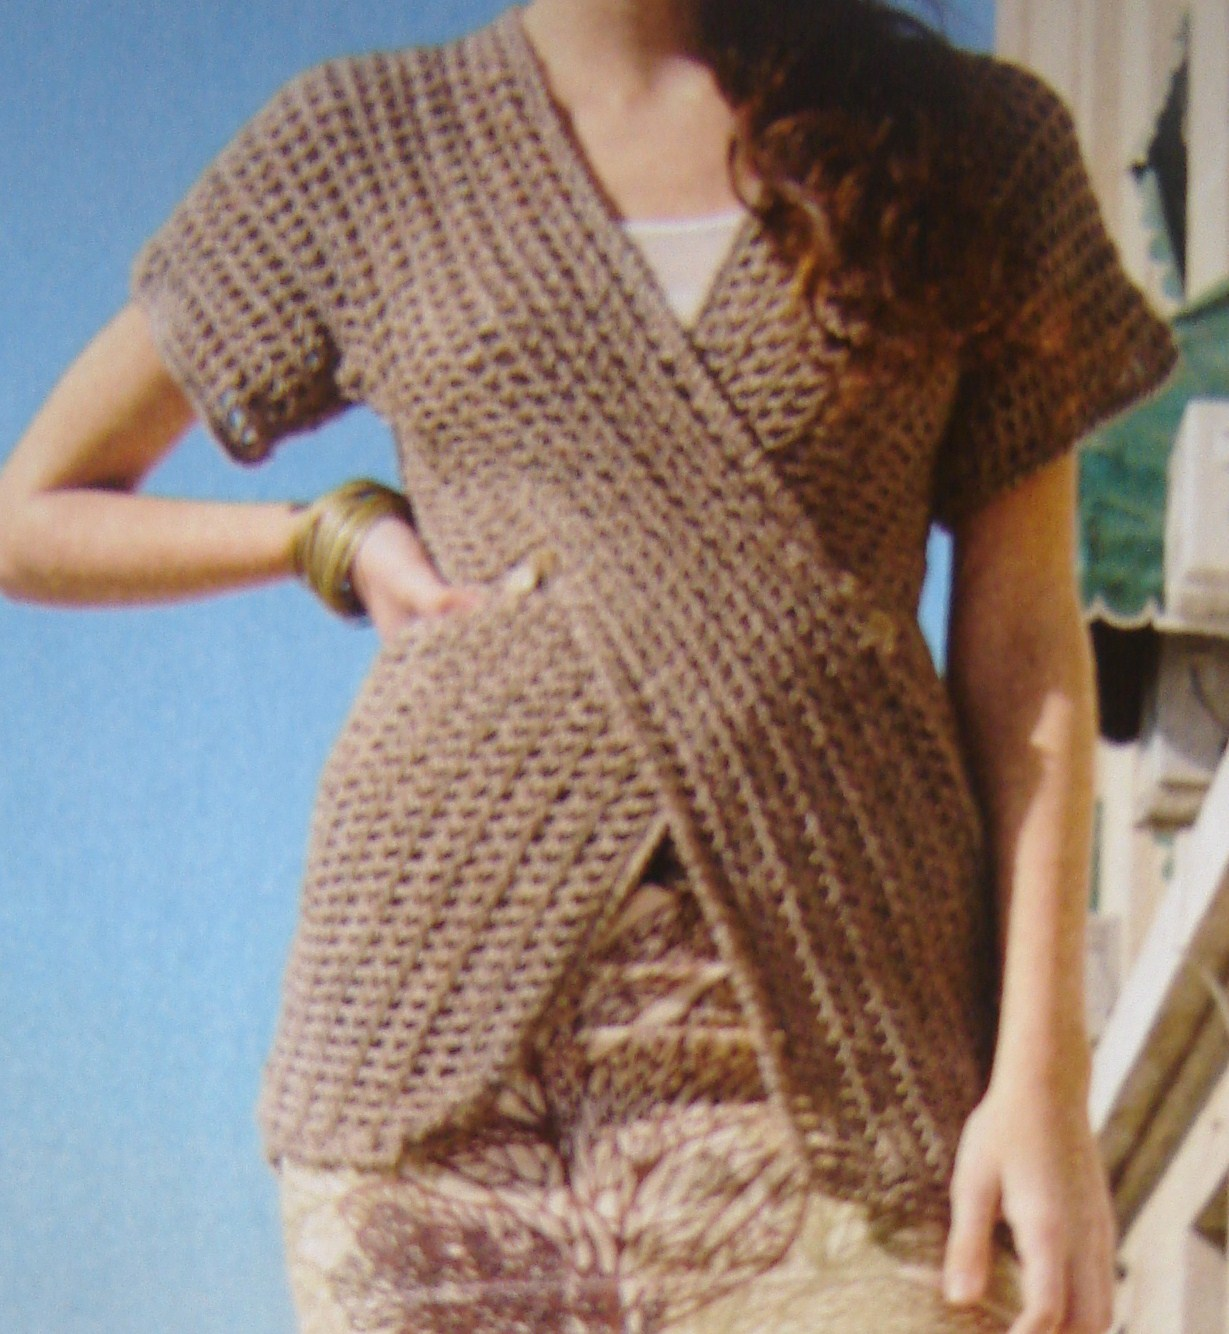 Tejidos en Crochet y Afines desde La Plata: septiembre 2011